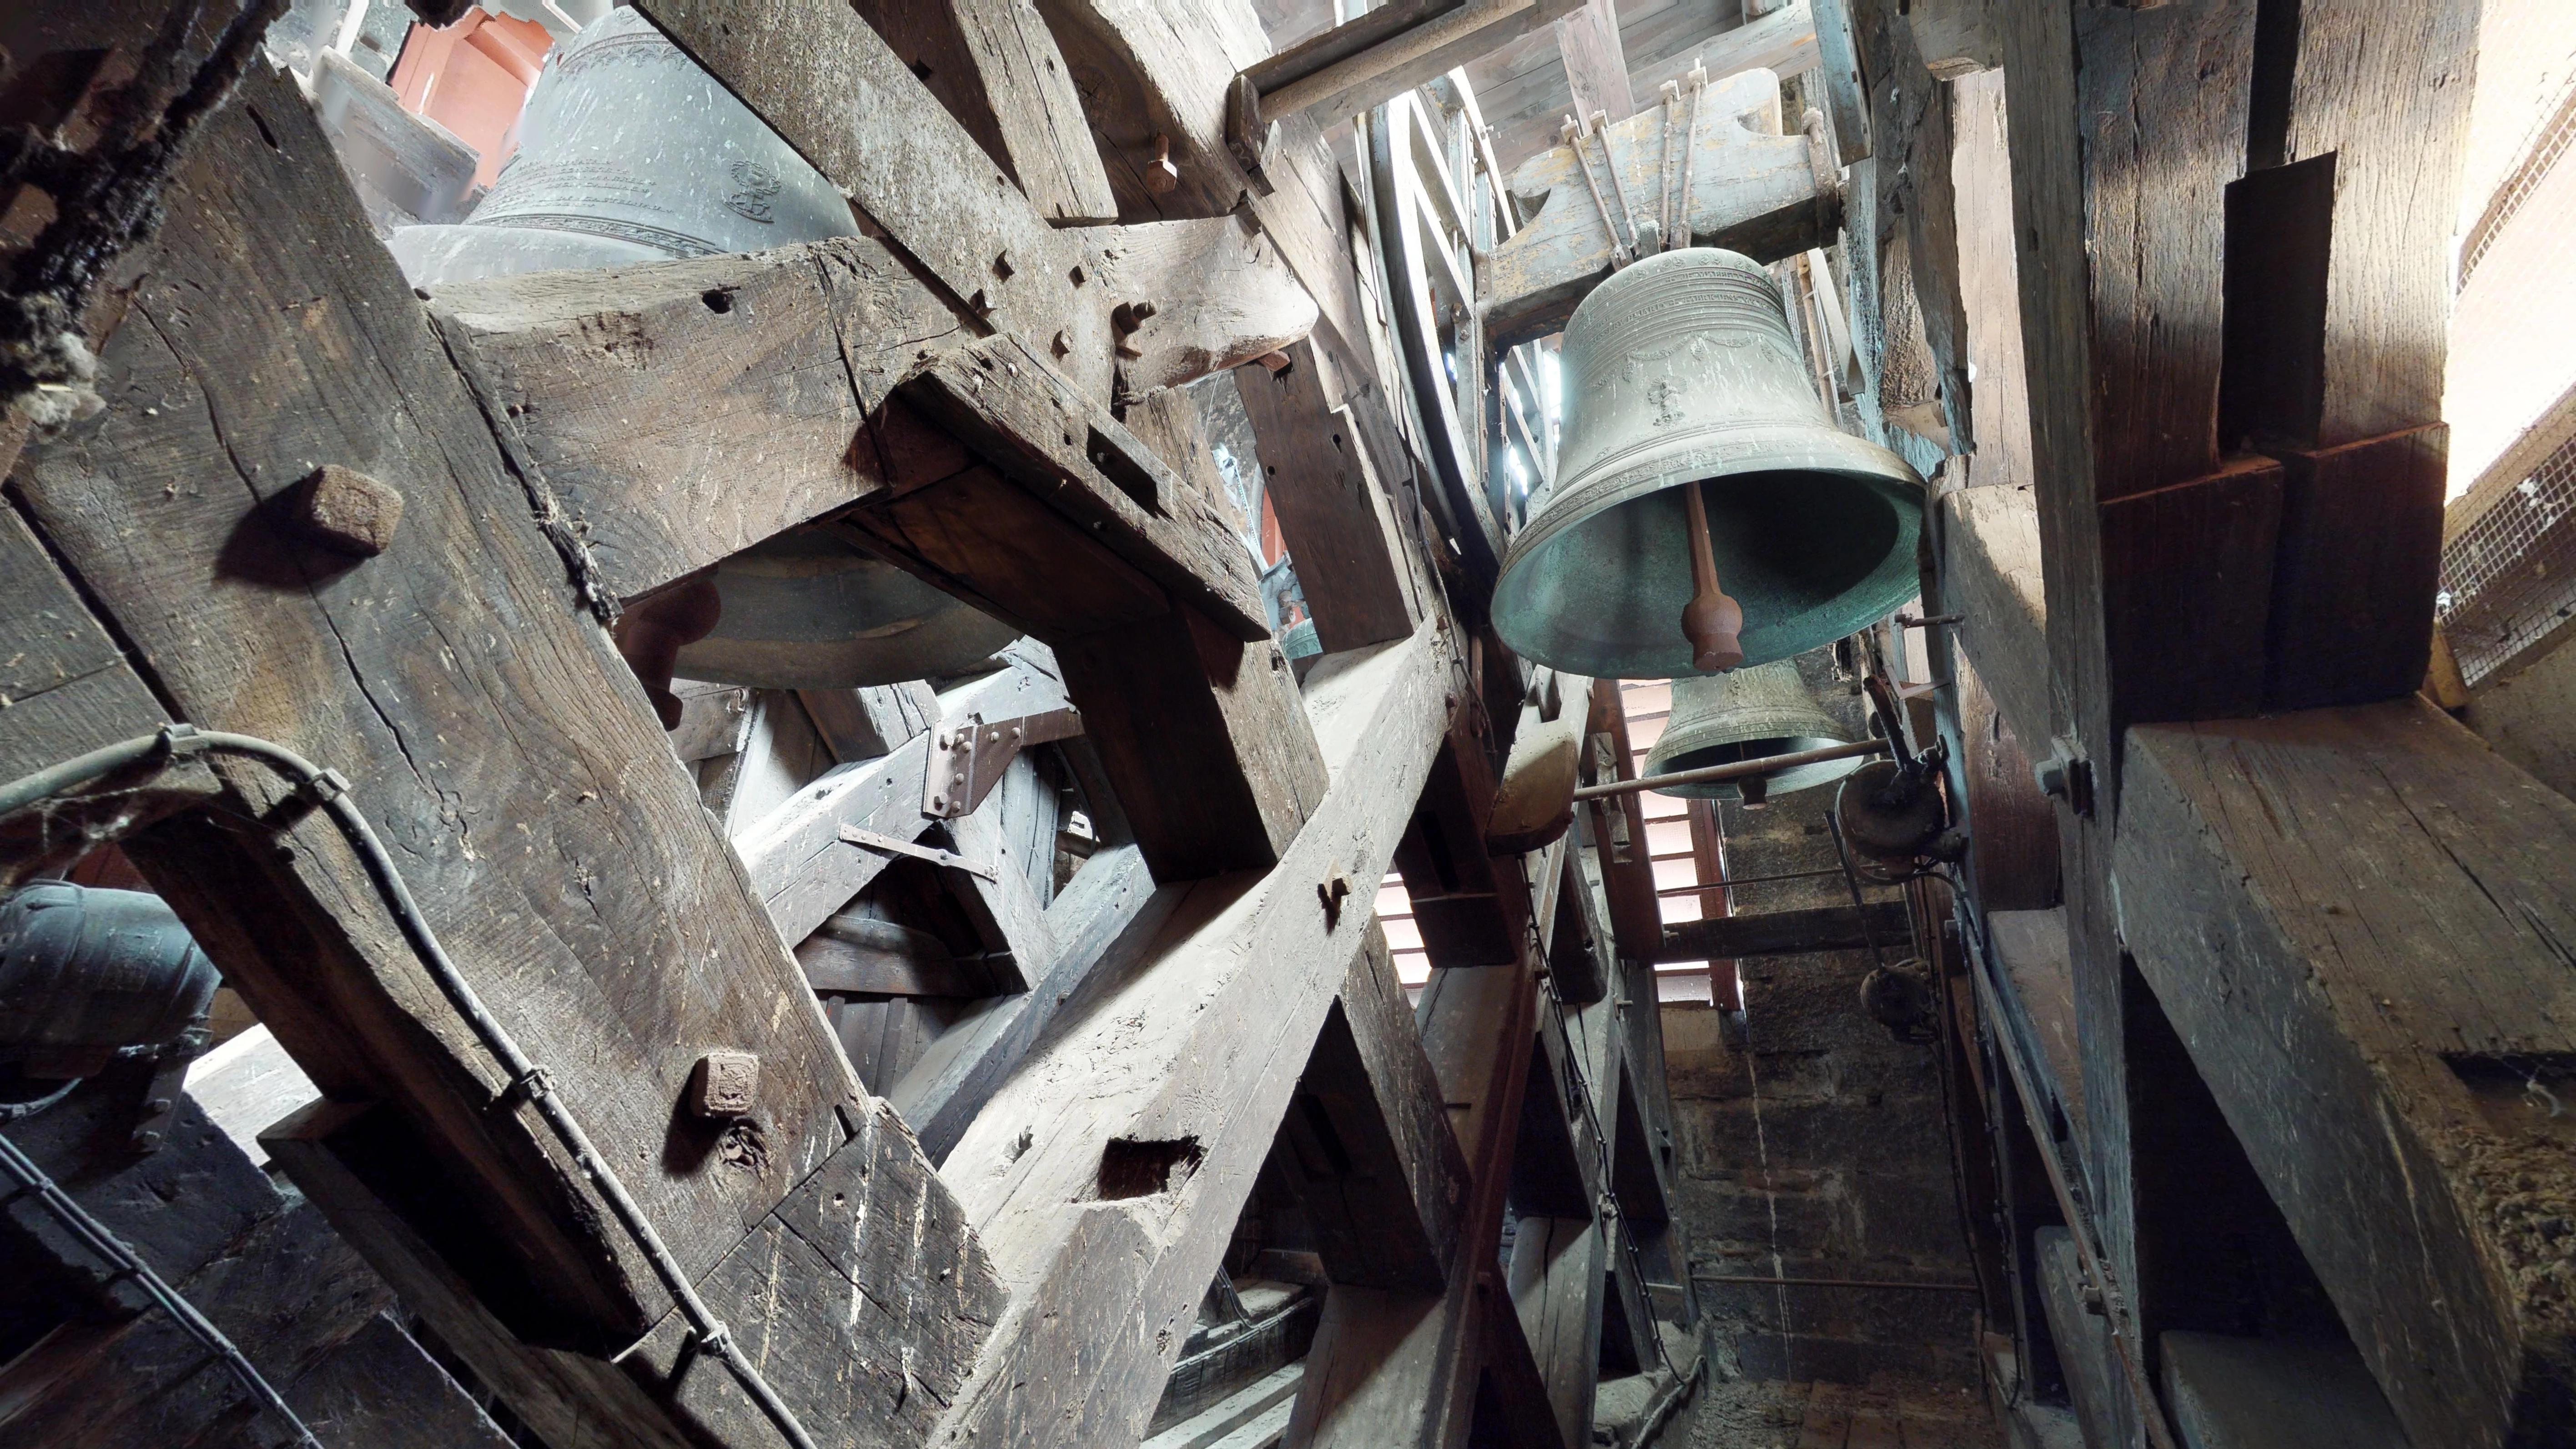 Rive-de-Gier-Eglise-Notre-Dame-2018-Les-cloches